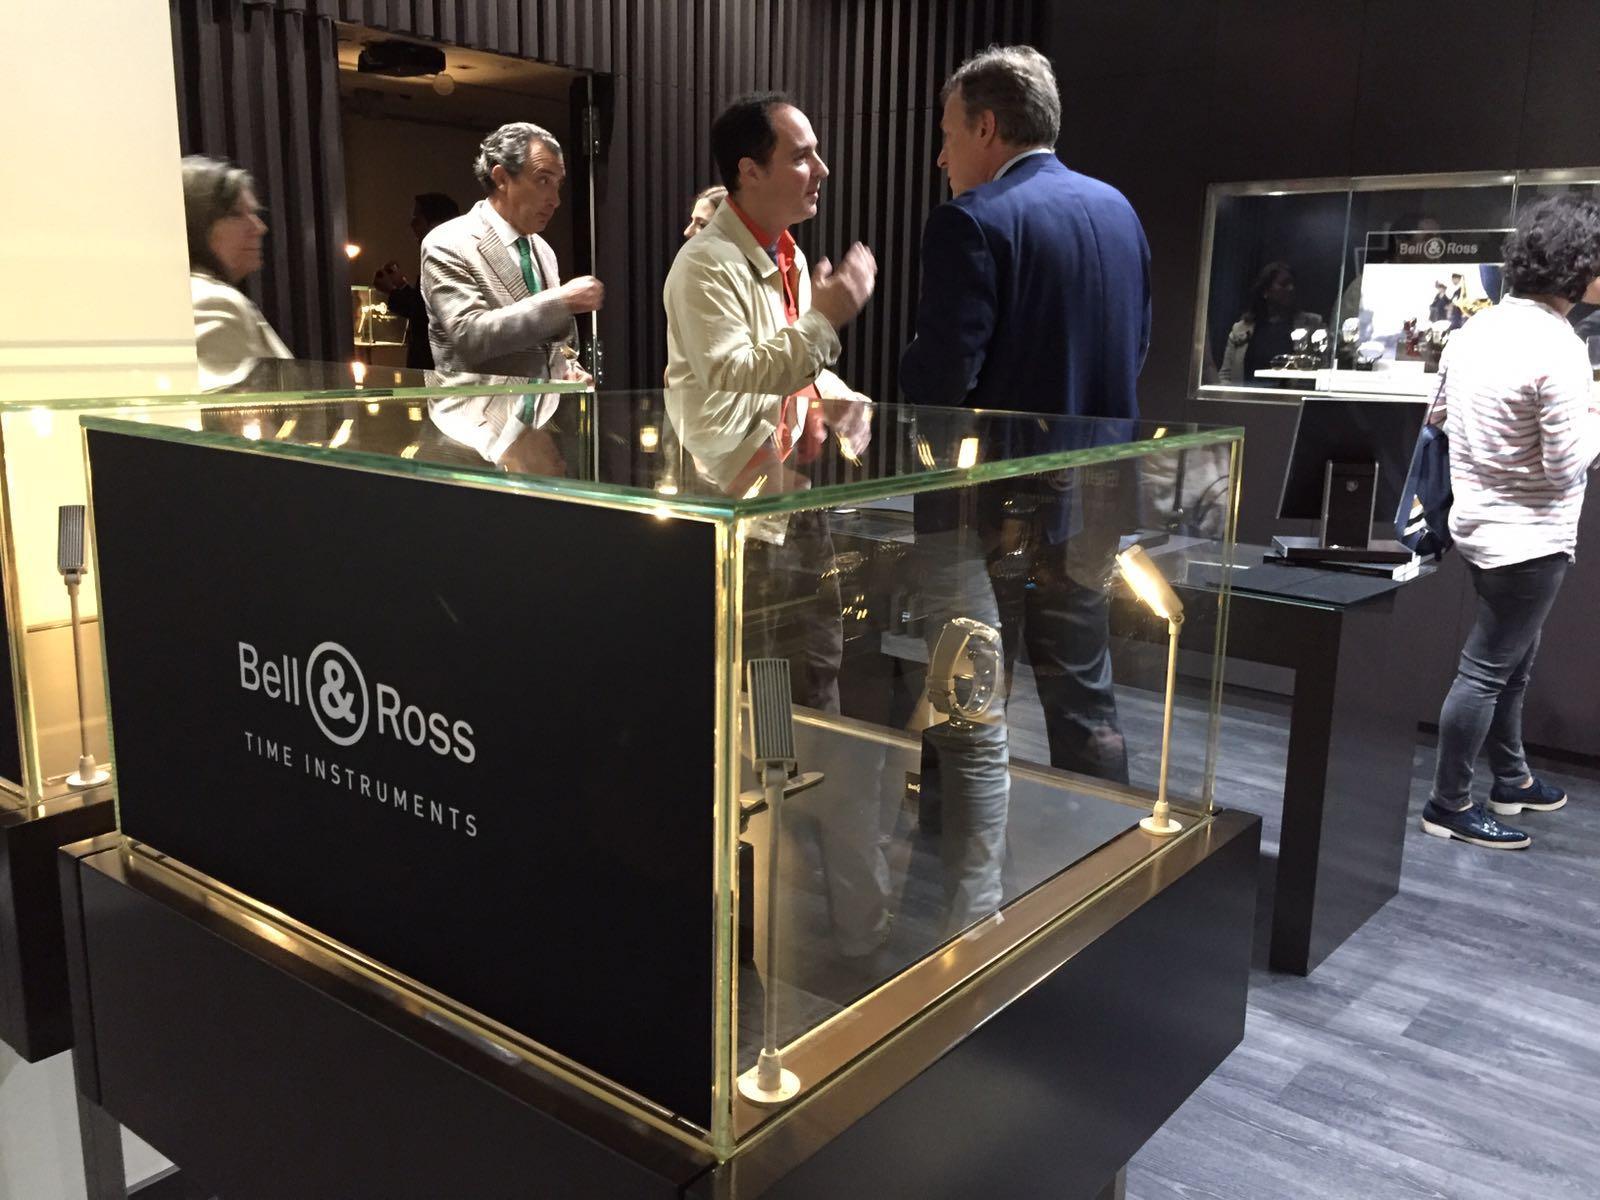 Presentación de nuevos modelos de Bell & Ross en Joyería Suiza